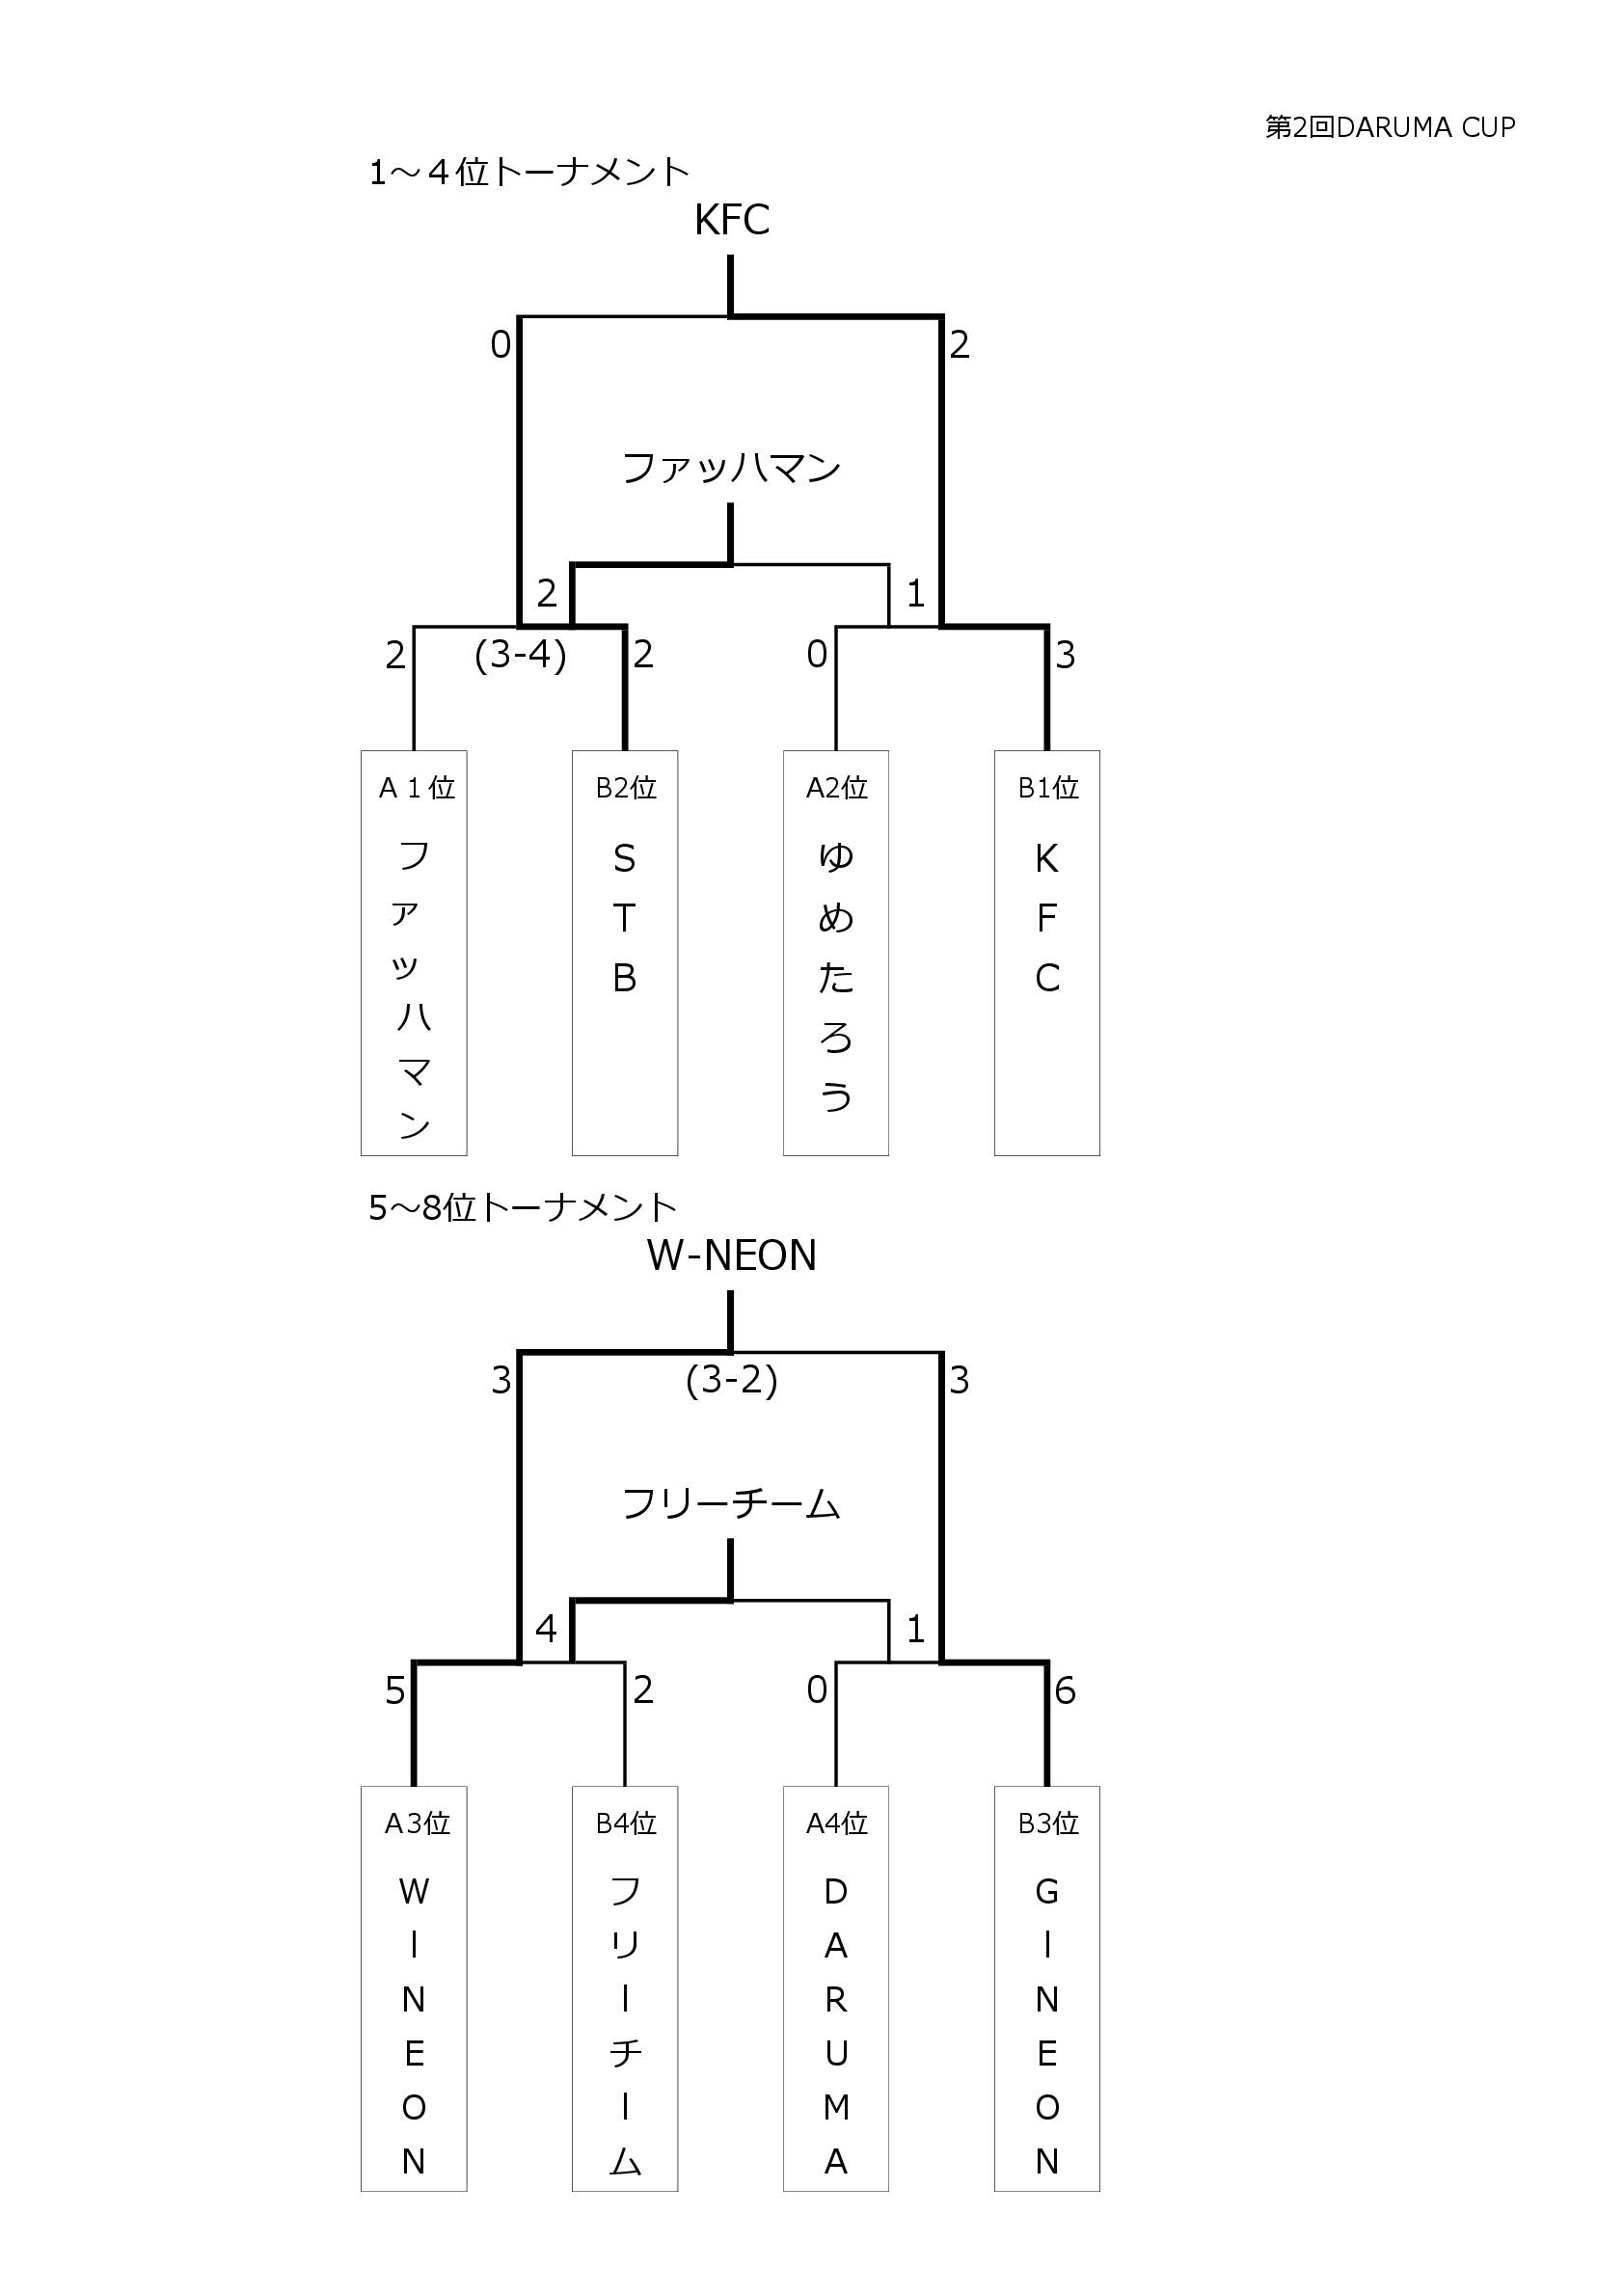 8-7-daruma-cup-001-%e3%82%b3%e3%83%94%e3%83%bc